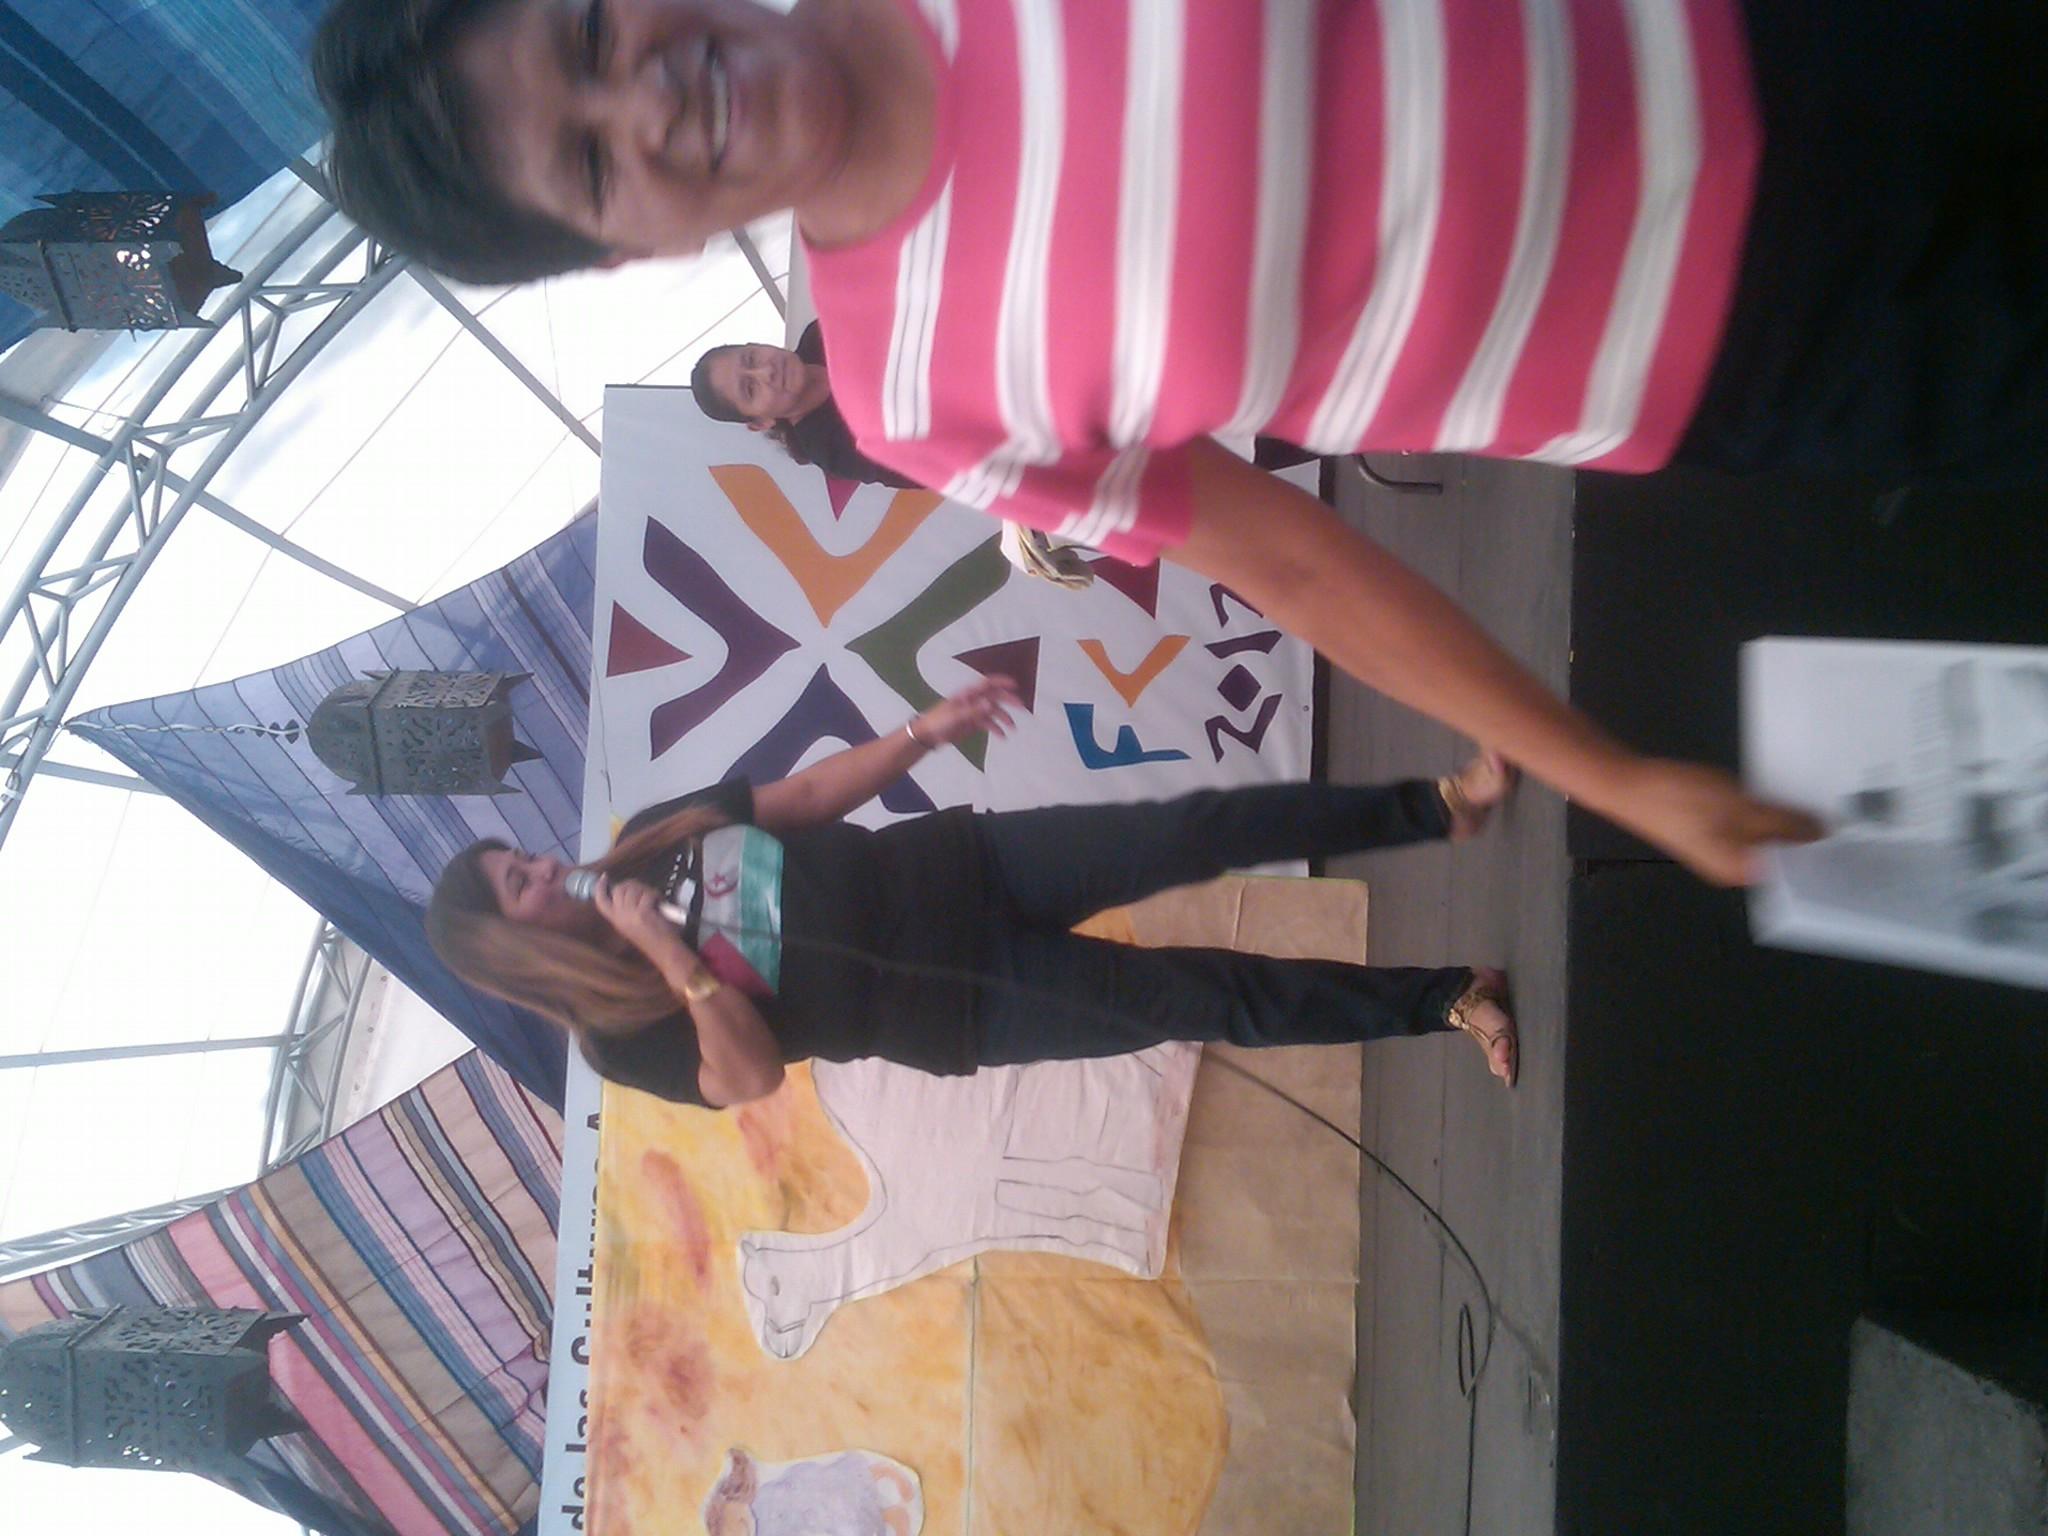 Educación_para_la_paz,_cuento_de_Irene_en_el_sáhara,_Feria_de_las_Culturas_Amigas_3